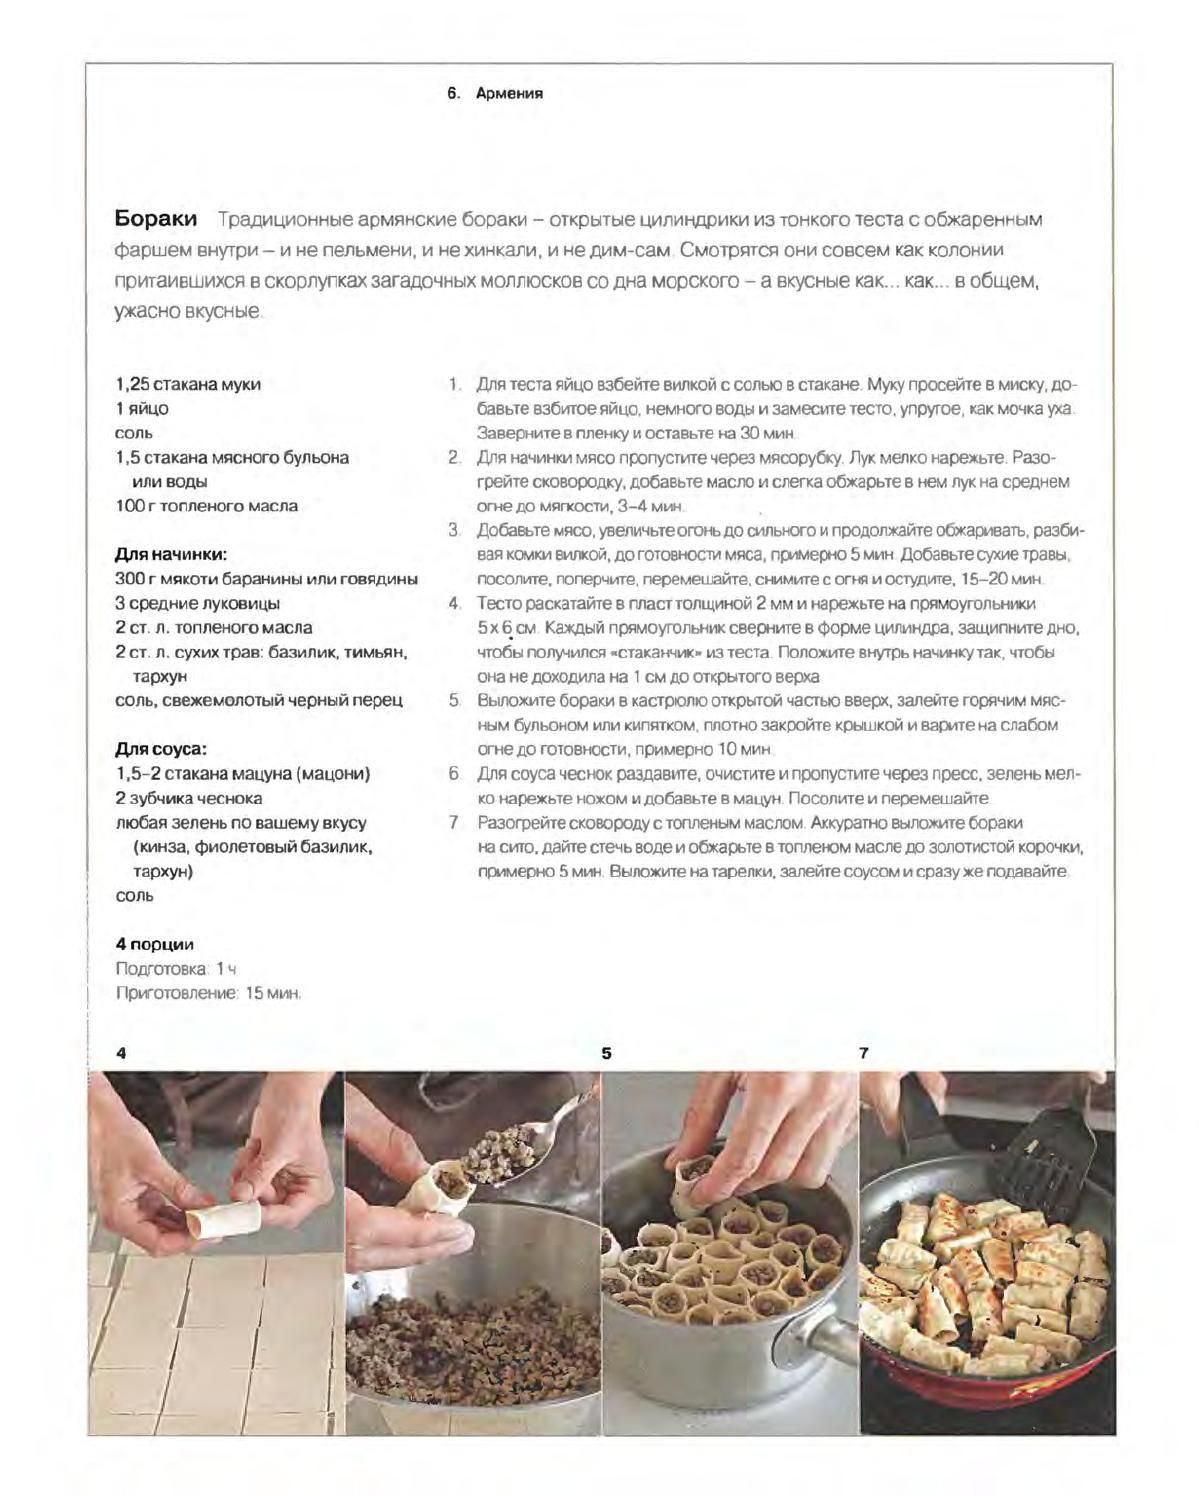 Книга гастронома pdf скачать